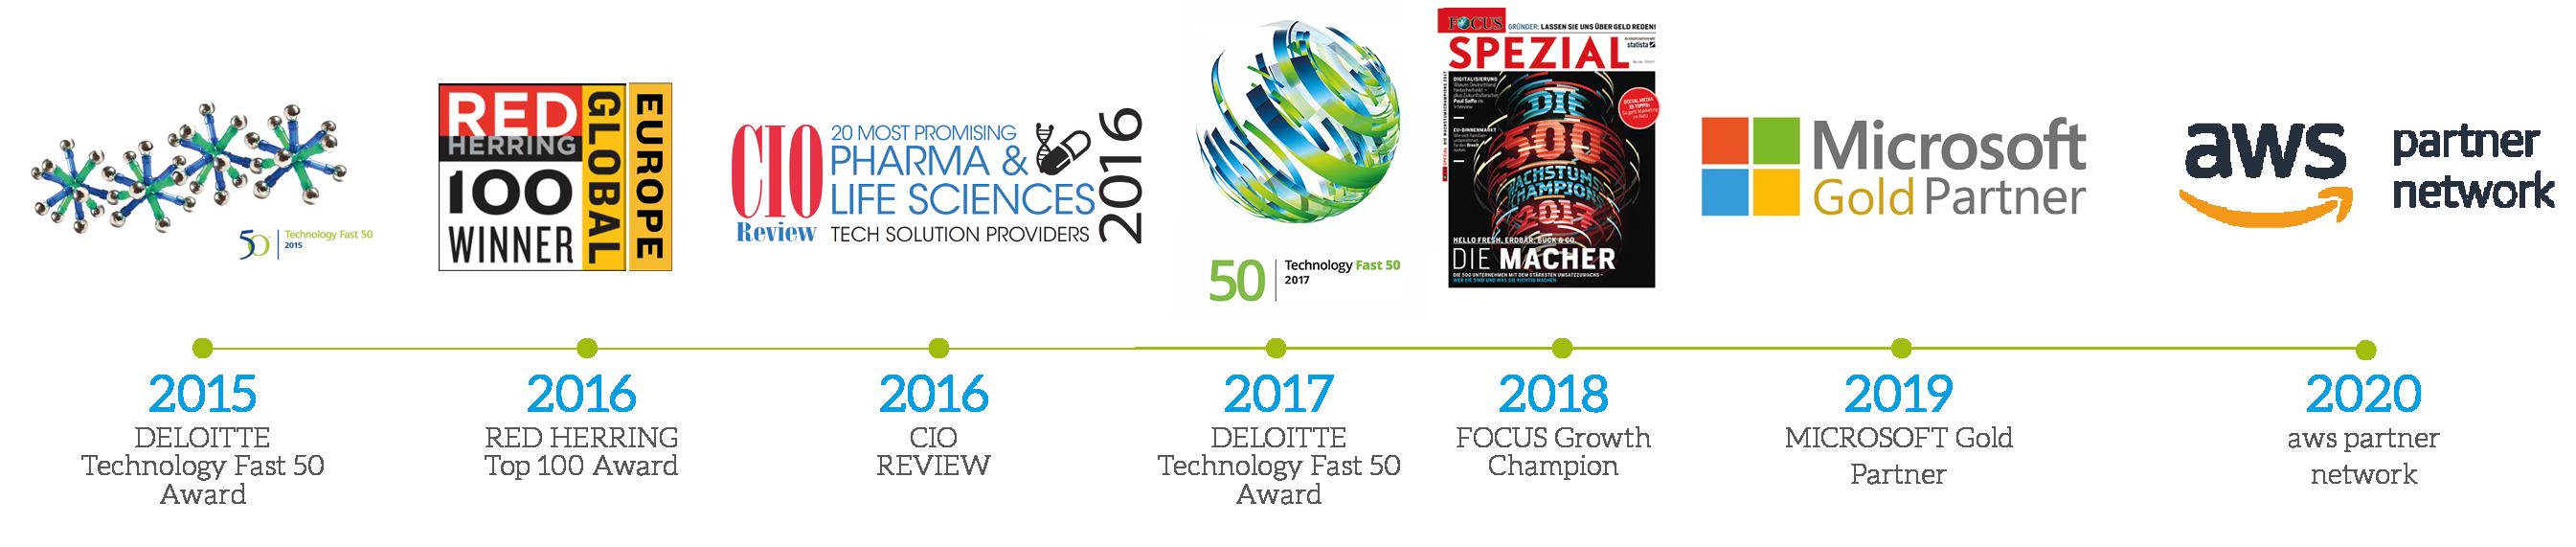 Timeline-Awards-2020